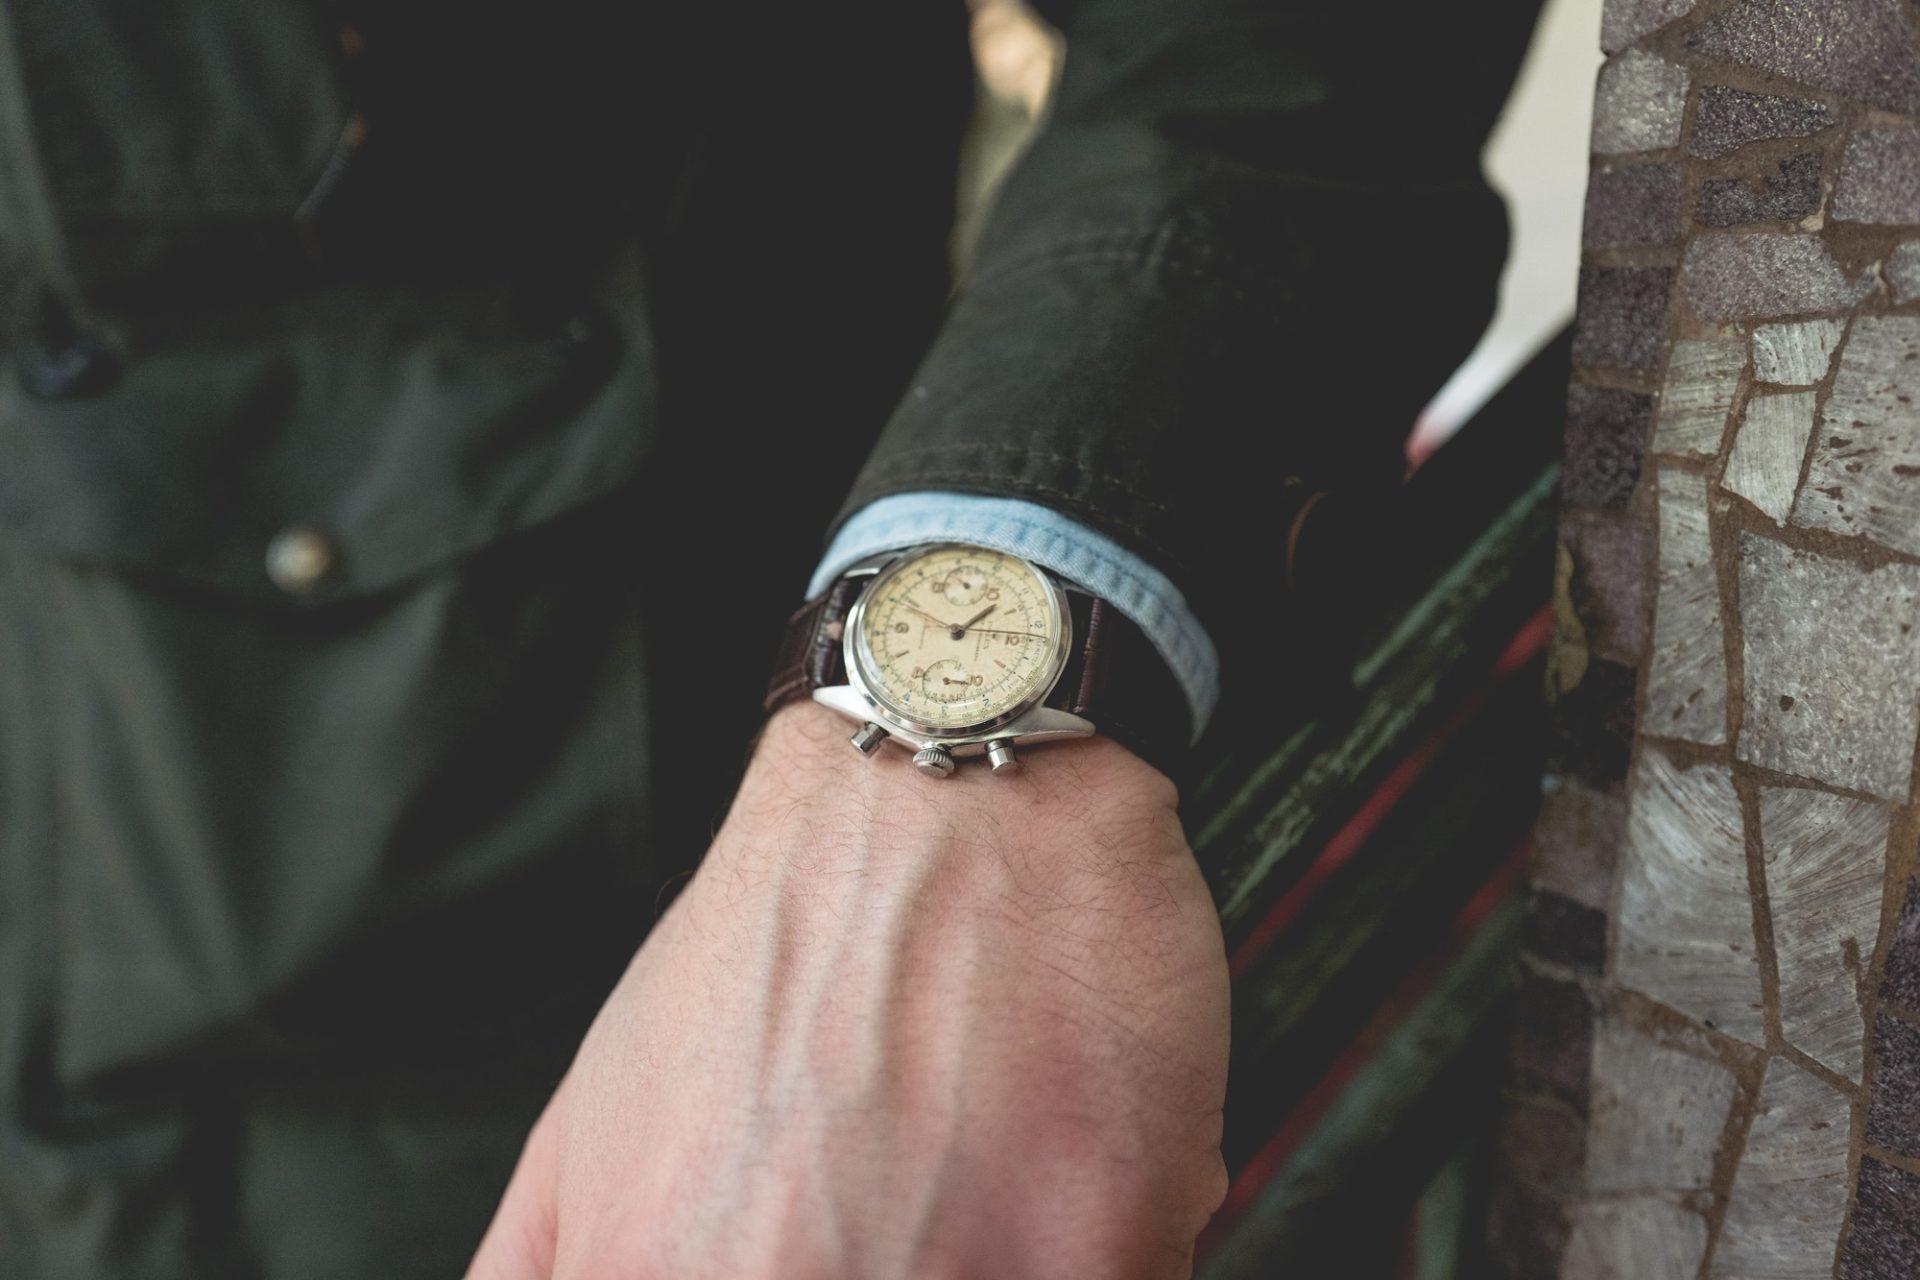 Vente Tajan Georg Fischer Rolex Oyster Chronograph Ref. 4500 - Style